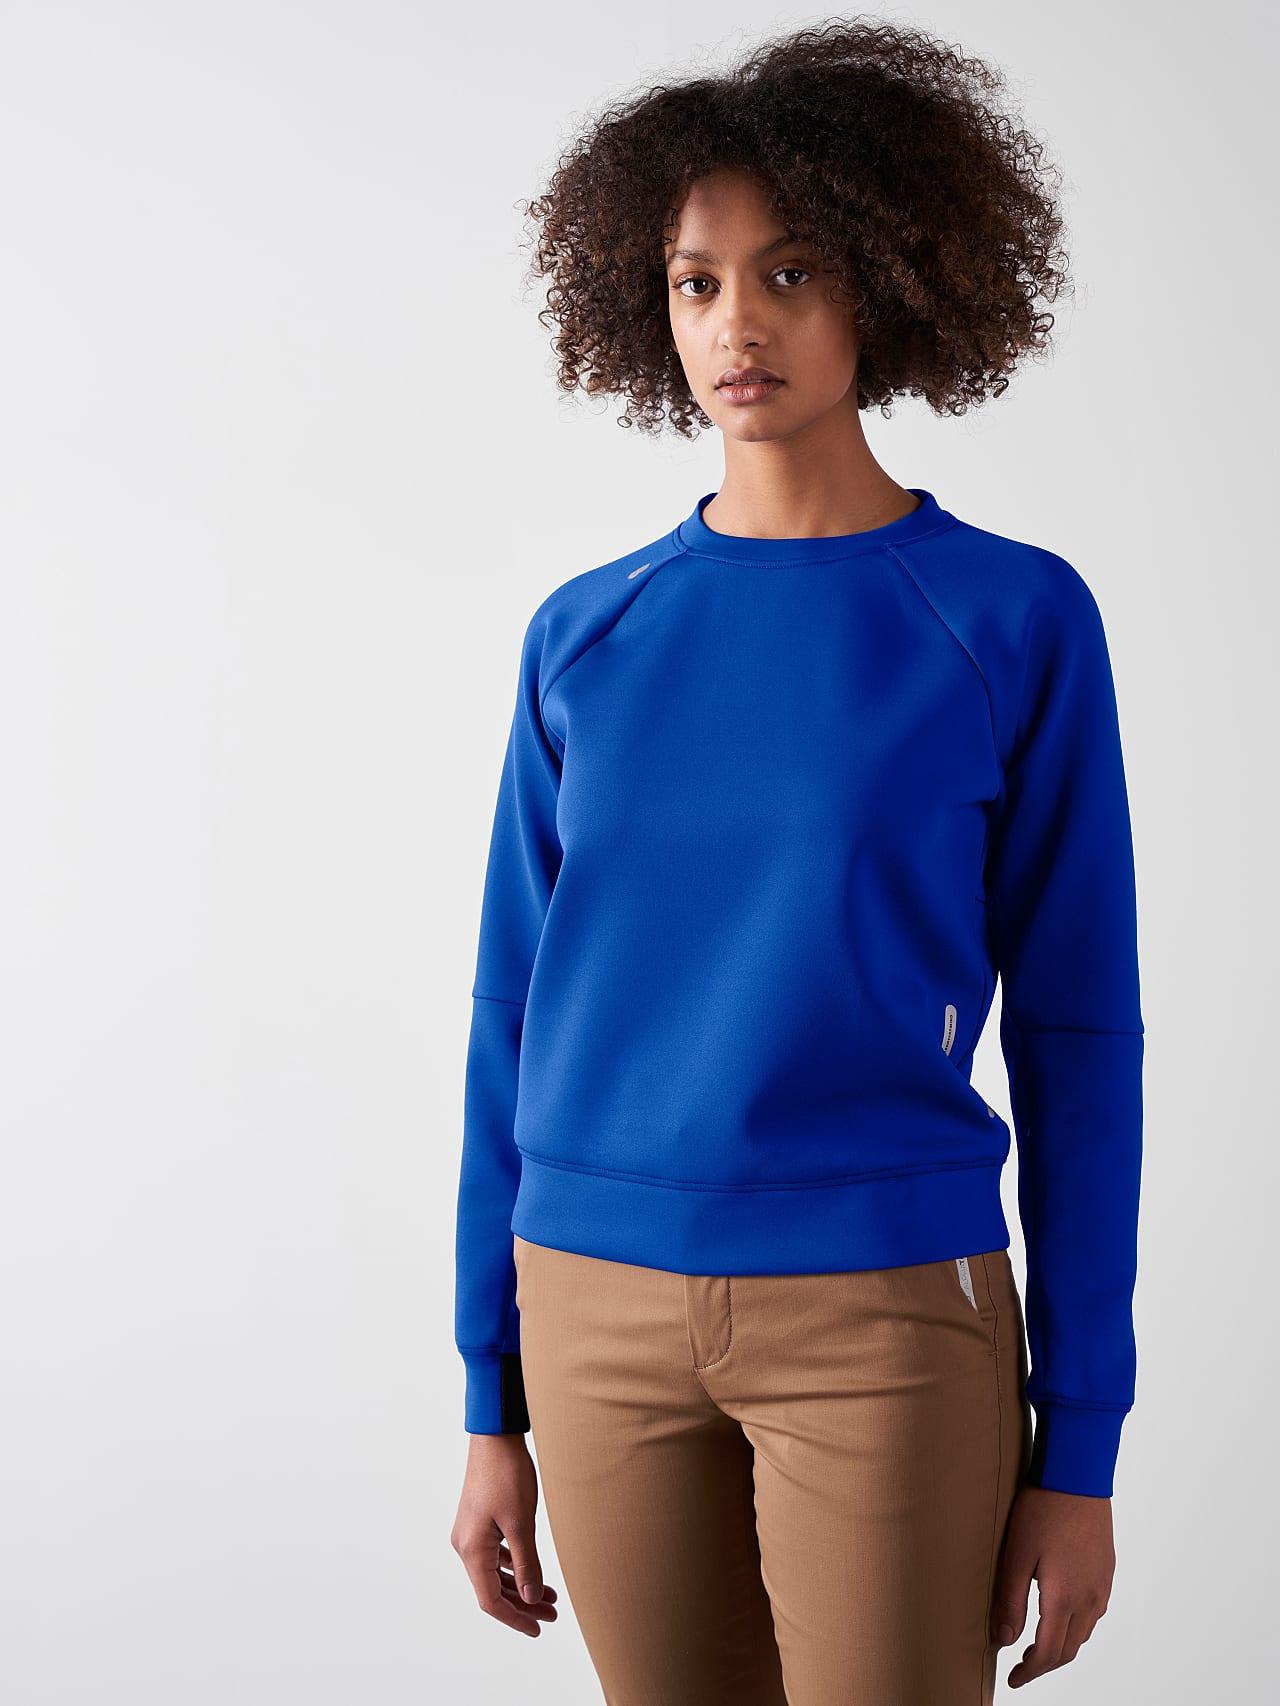 SINOV V1.Y5.01 Crewneck Sweater blue Model shot Alpha Tauri